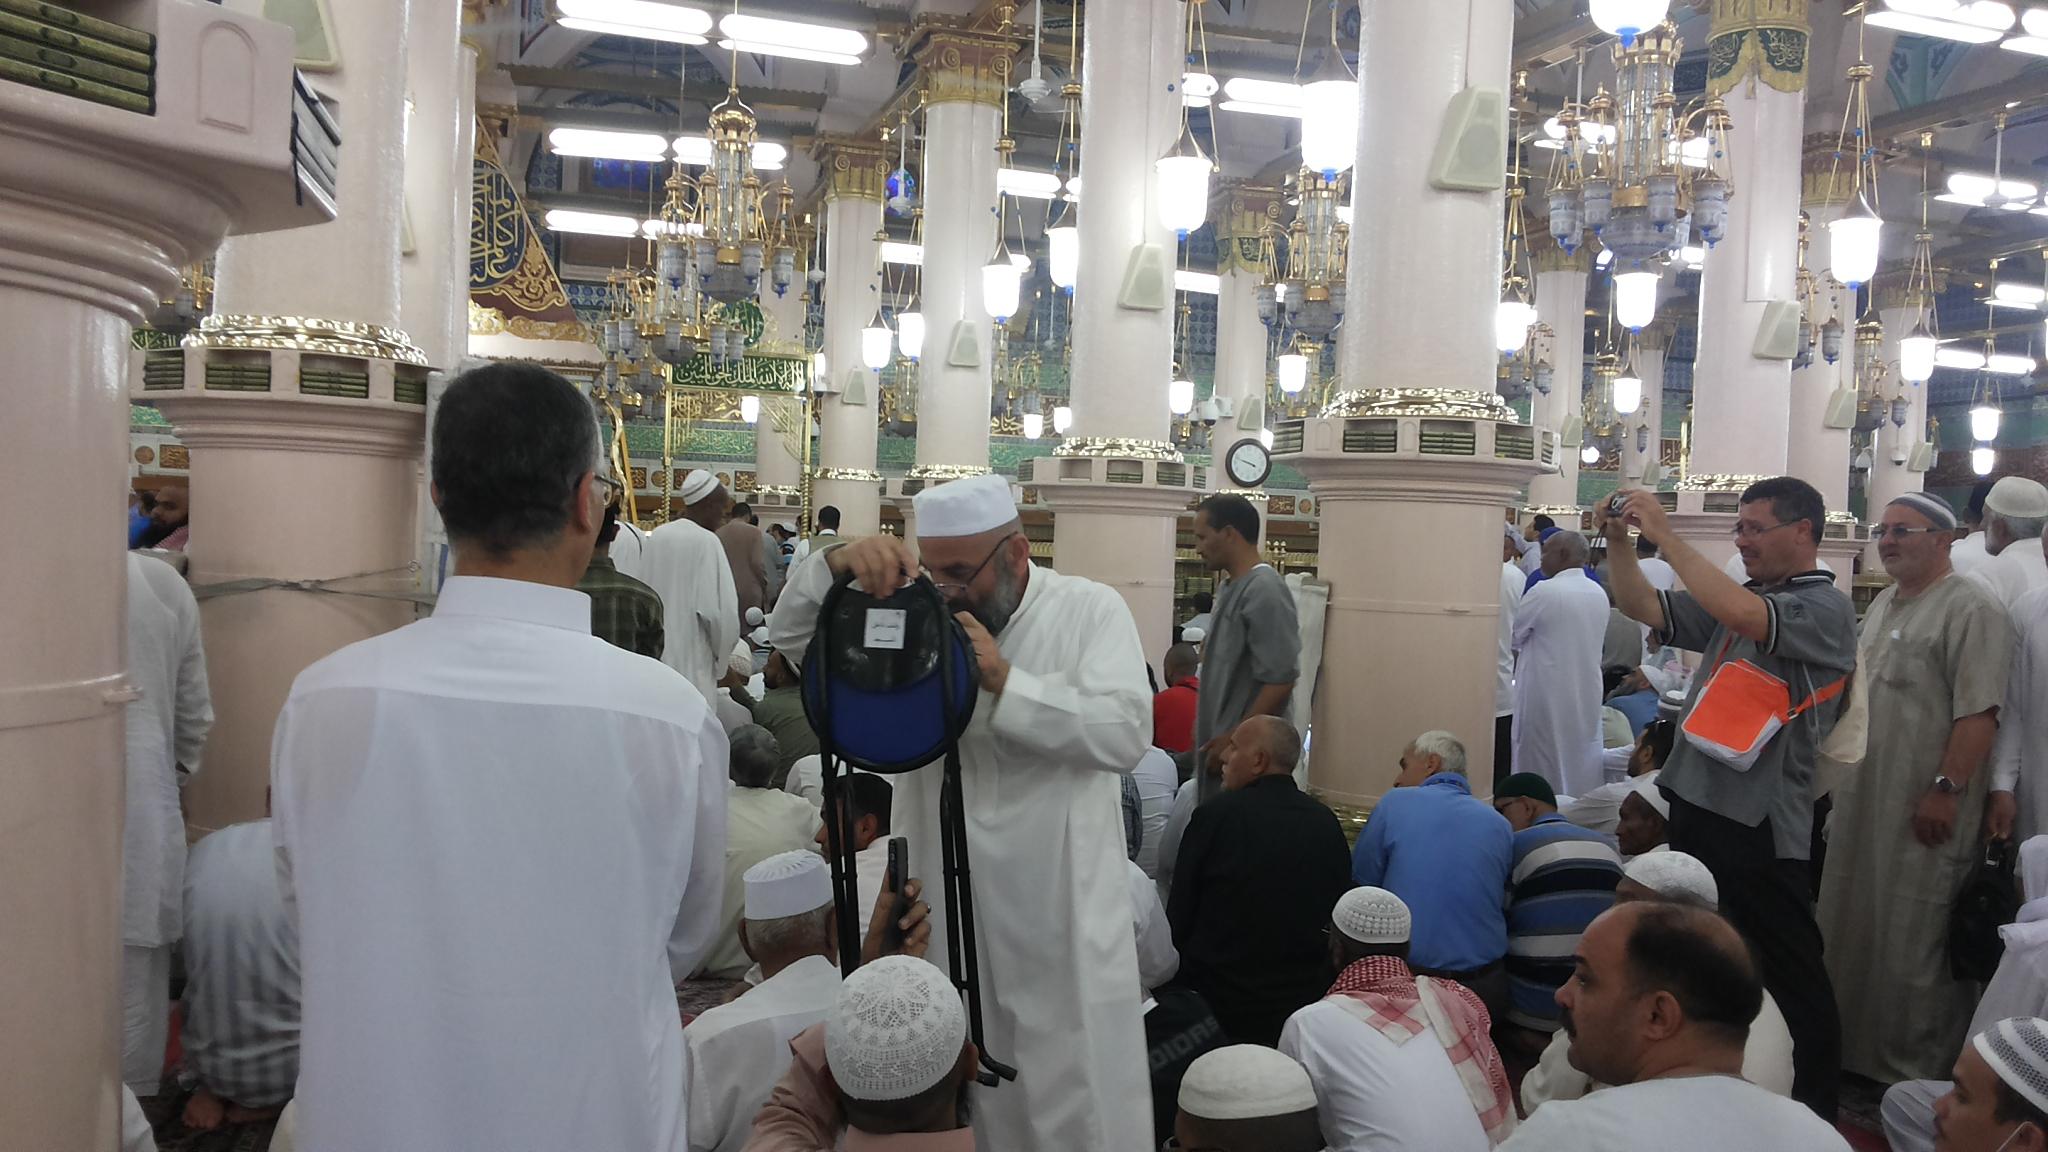 Keutamaan Membaca Surat Al-Kahfi Malam Jumat sesuai Tuntunan Sunnah Nabi